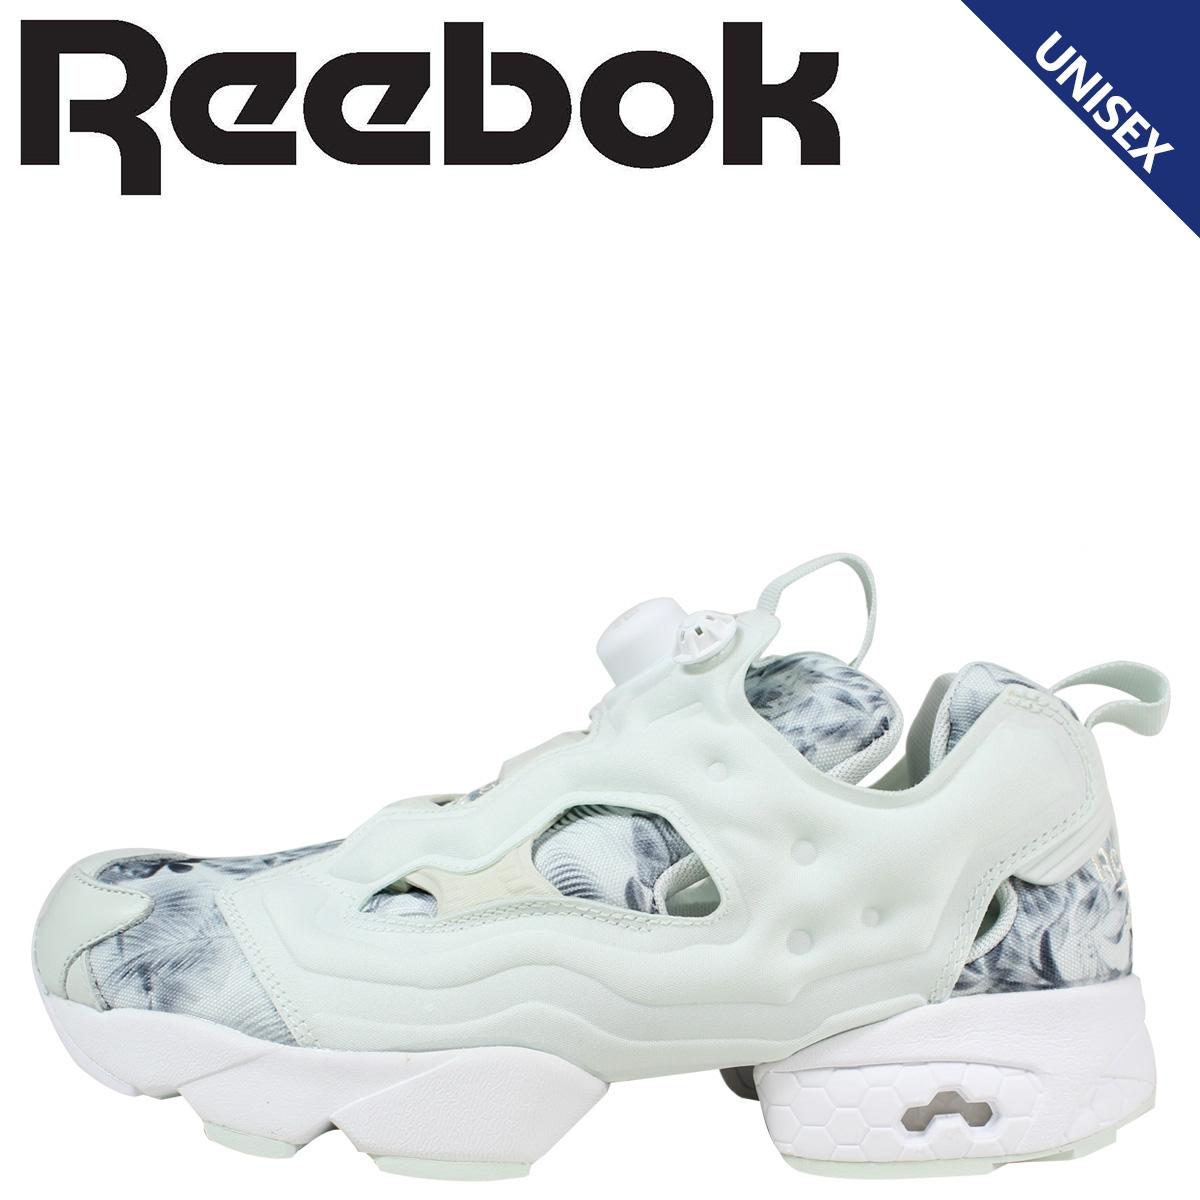 reebok pump shoes mens